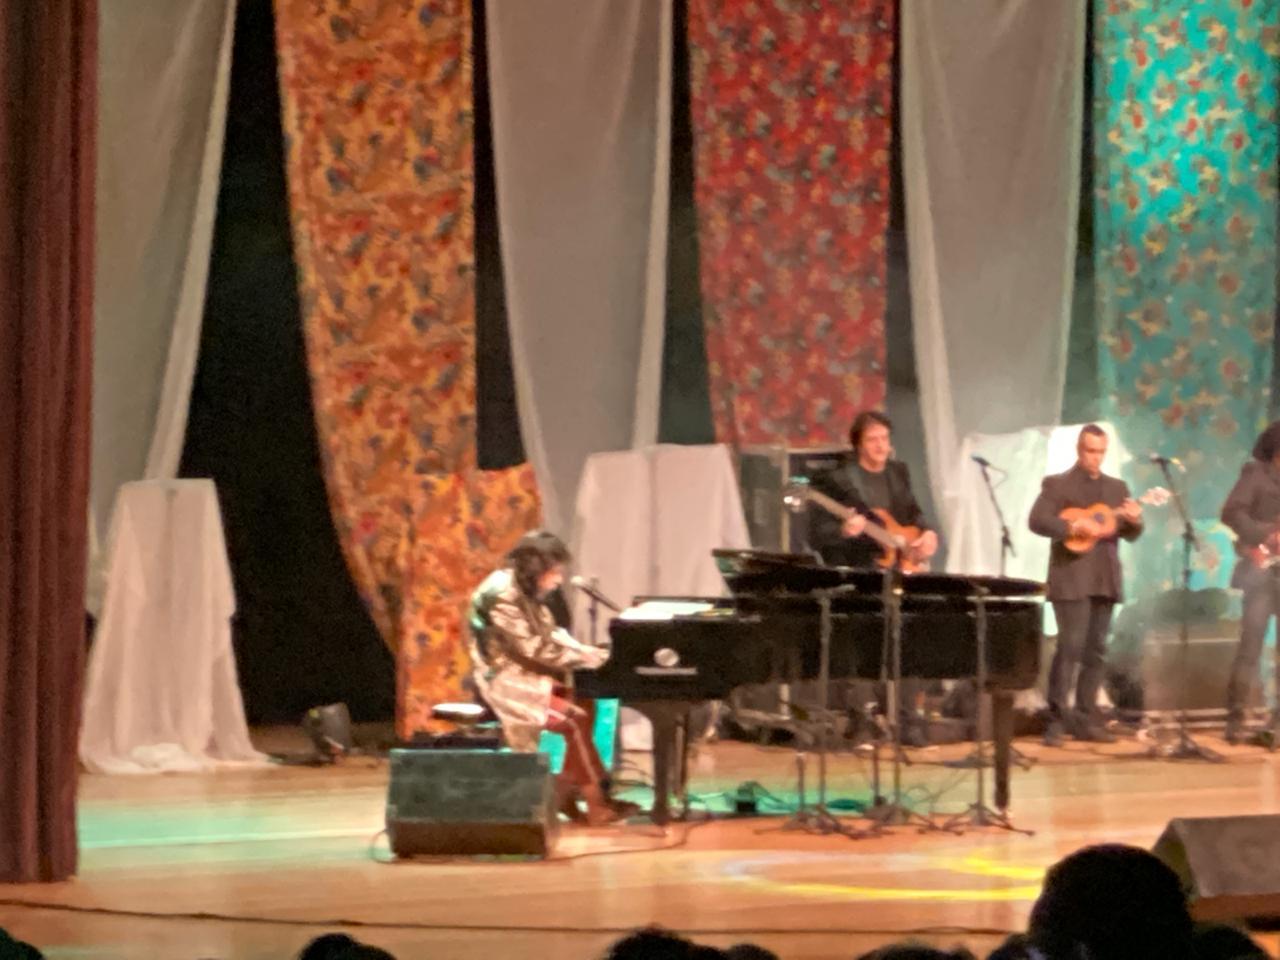 WhatsApp Image 2019 11 22 at 21.29.13 - Show de Benito Di Paula reúne 2 mil pessoas no Teatro a Pedra do Reino: cantor chama criança e fã com parkinson para cantar - VEJA VÍDEOS